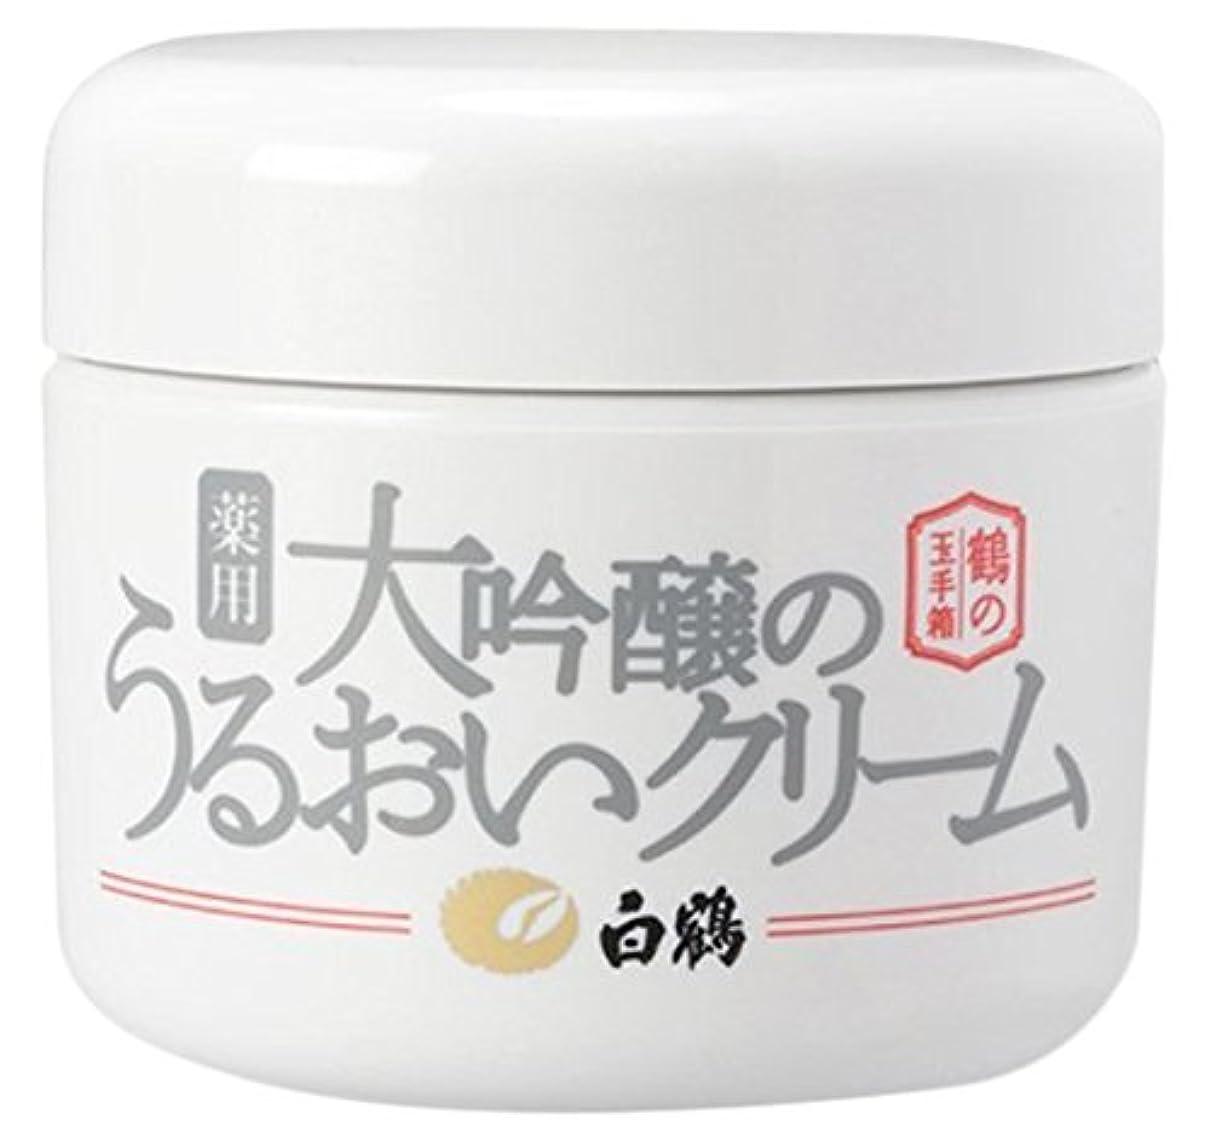 薬局さておきアーチ白鶴 鶴の玉手箱 薬用 大吟醸のうるおいクリーム 90g